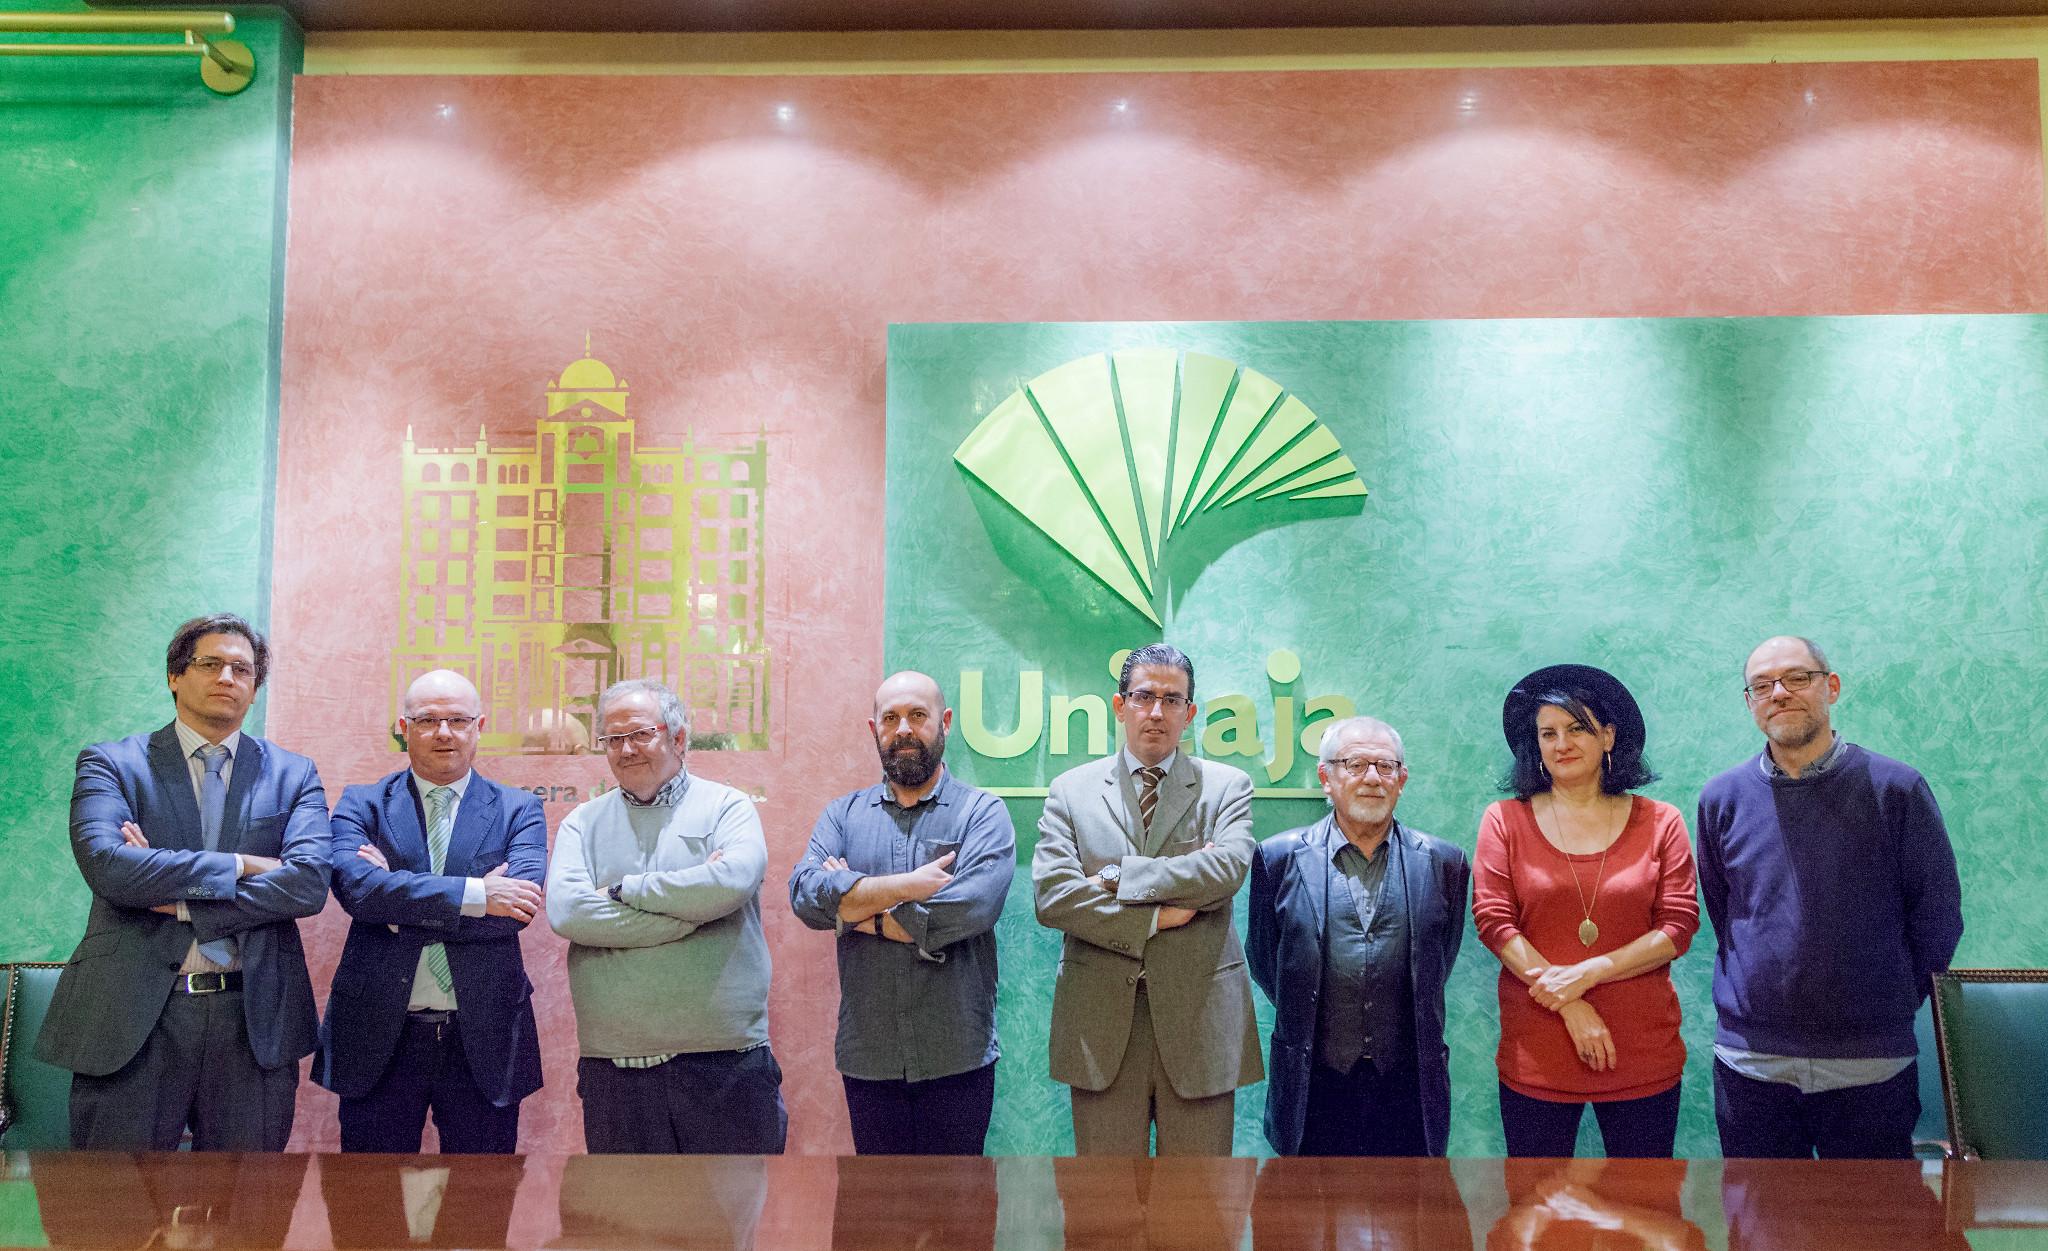 El periodista murciano Gregorio León gana con 'Magali' el XXVII Premio Unicaja de Relatos